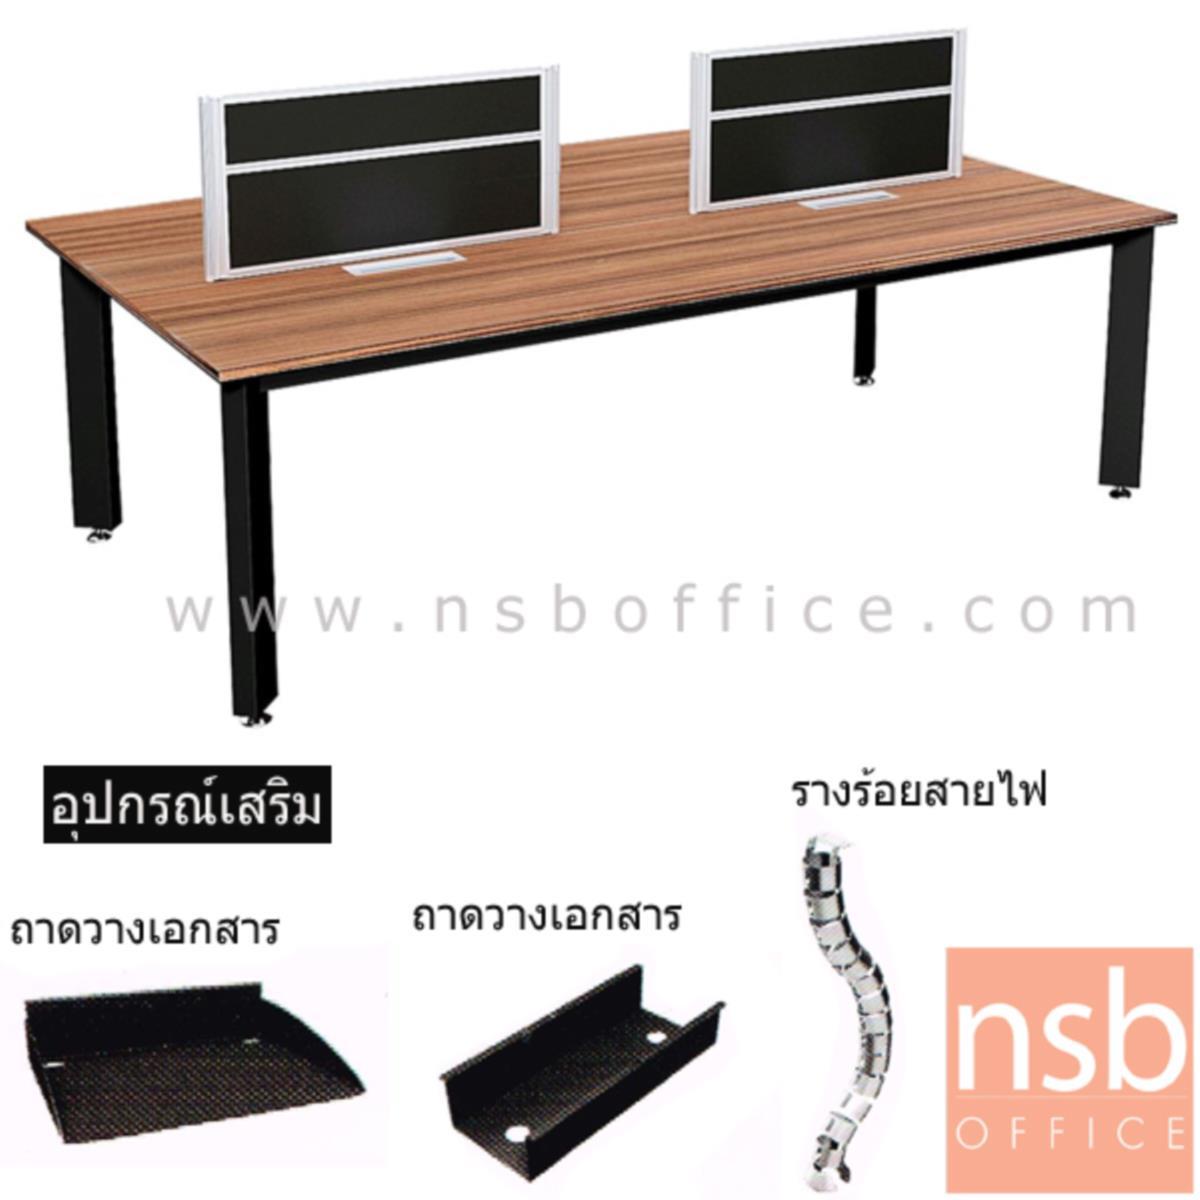 ชุดโต๊ะทำงานกลุ่ม 4 ที่นั่ง  รุ่น Fabiana (ฟาเบียน่า) ขนาด 240W cm. พร้อมป็อบอัพและมินิสกรีนกั้นหน้าโต๊ะ